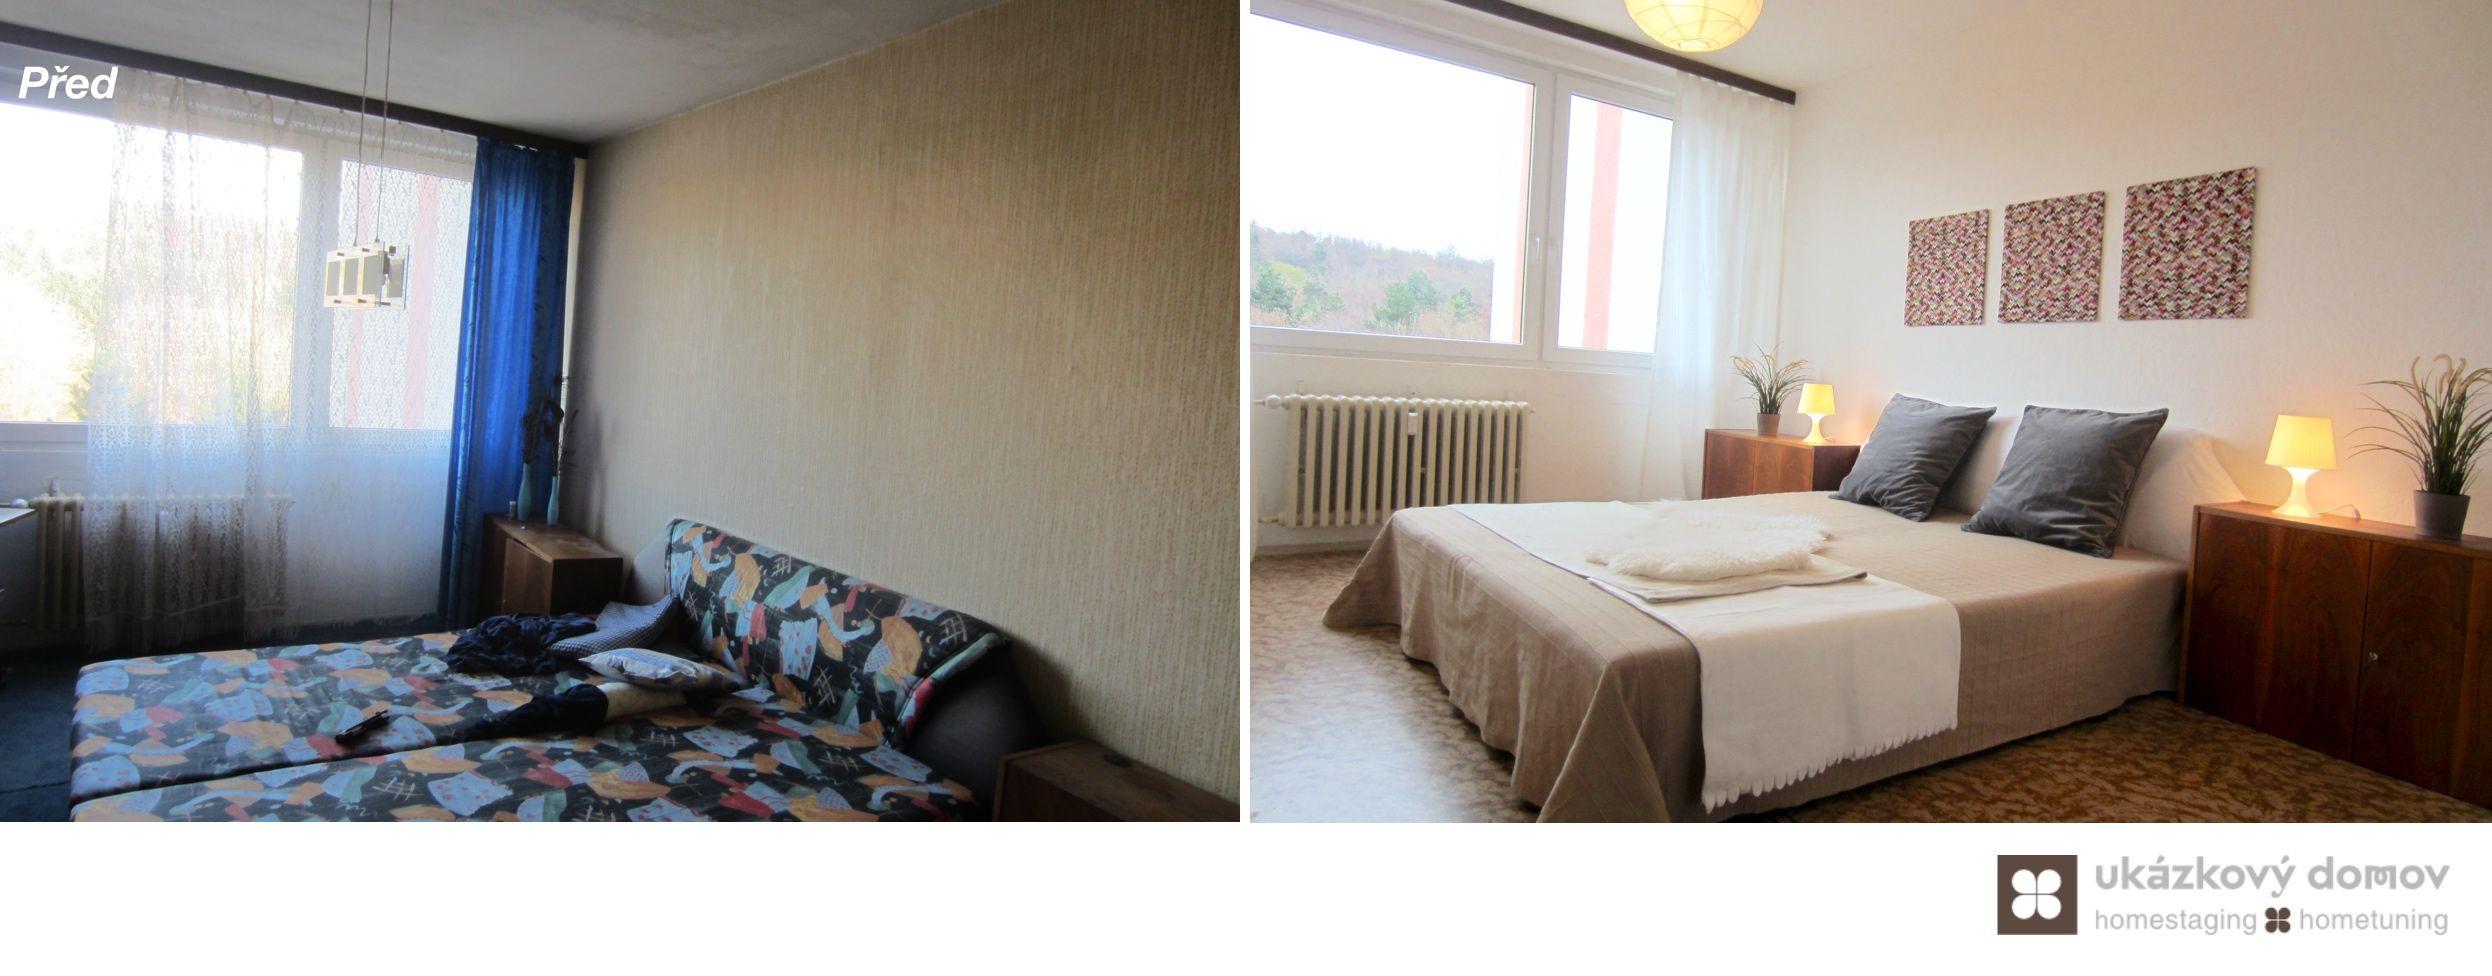 Home Staging částčně zařízeného panelového bytu v Praze Řepích #praha #prague #czech #homestaging #pred #po #before #after #white #walls #panel #retro #master #loznice #bedroom #panelak #cz #praha #czechrepublic #czech #homestagingavantapres